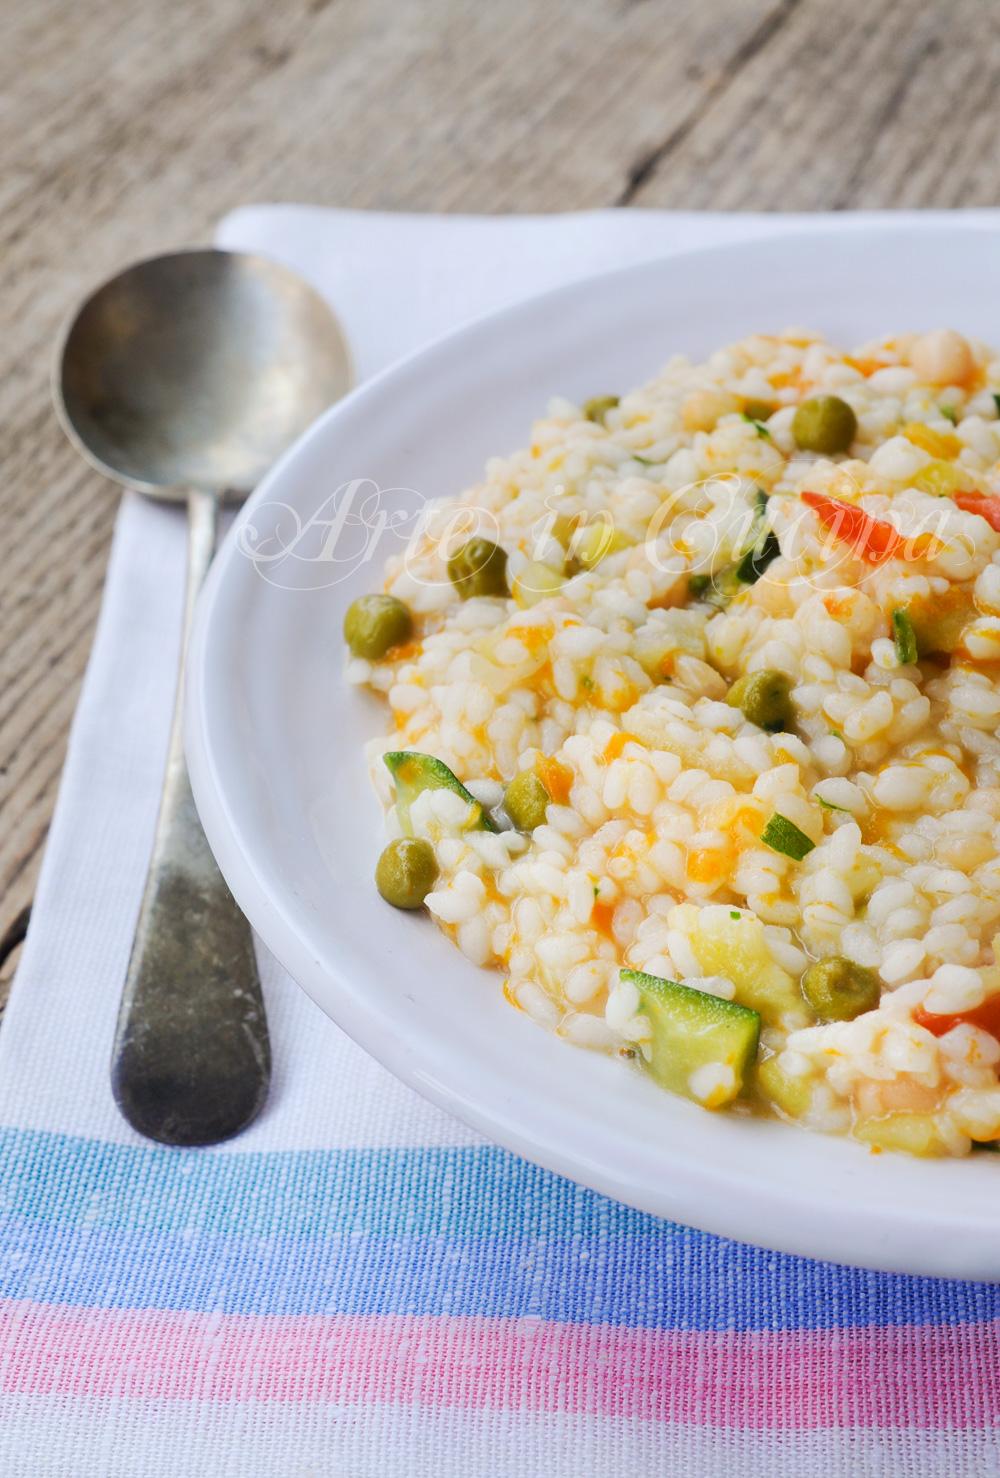 Minestrone alla napoletana con riso ricetta leggera vickyart arte in cucina